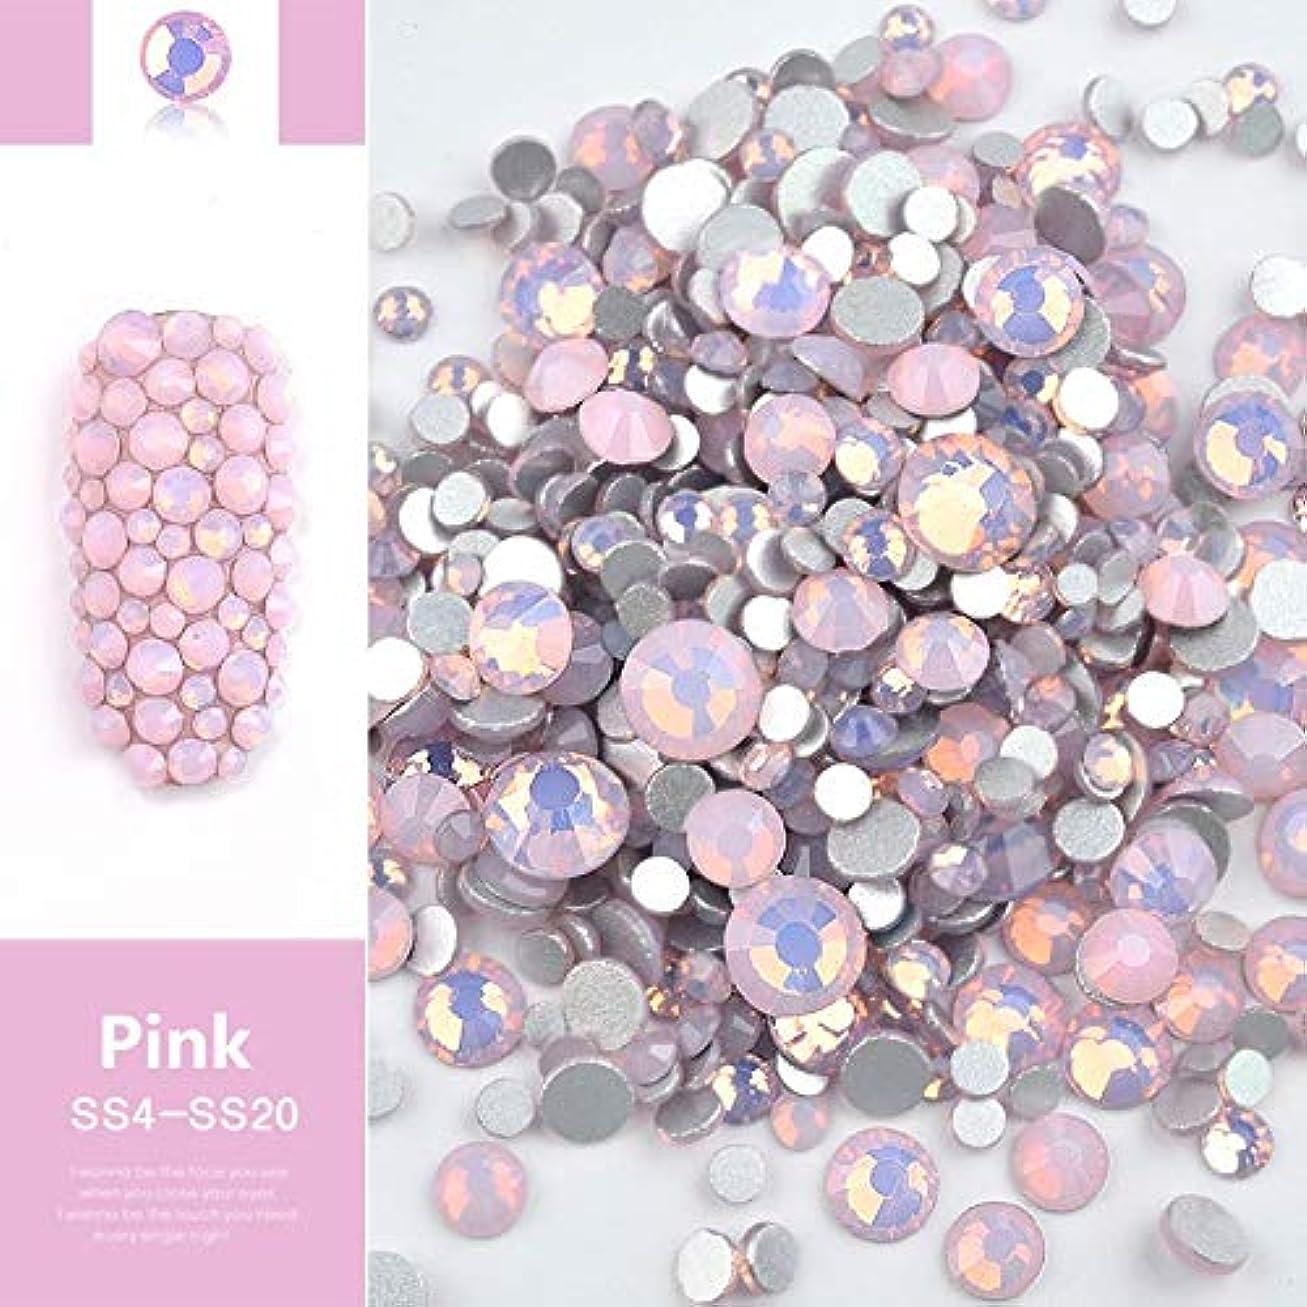 やさしく番目生活ALEXBIAN ビーズ樹脂クリスタルラウンドネイルアートミックスフラットバックアクリルラインストーンミックスサイズ1.5-4.5 mm装飾用ネイル (Color : Pink)